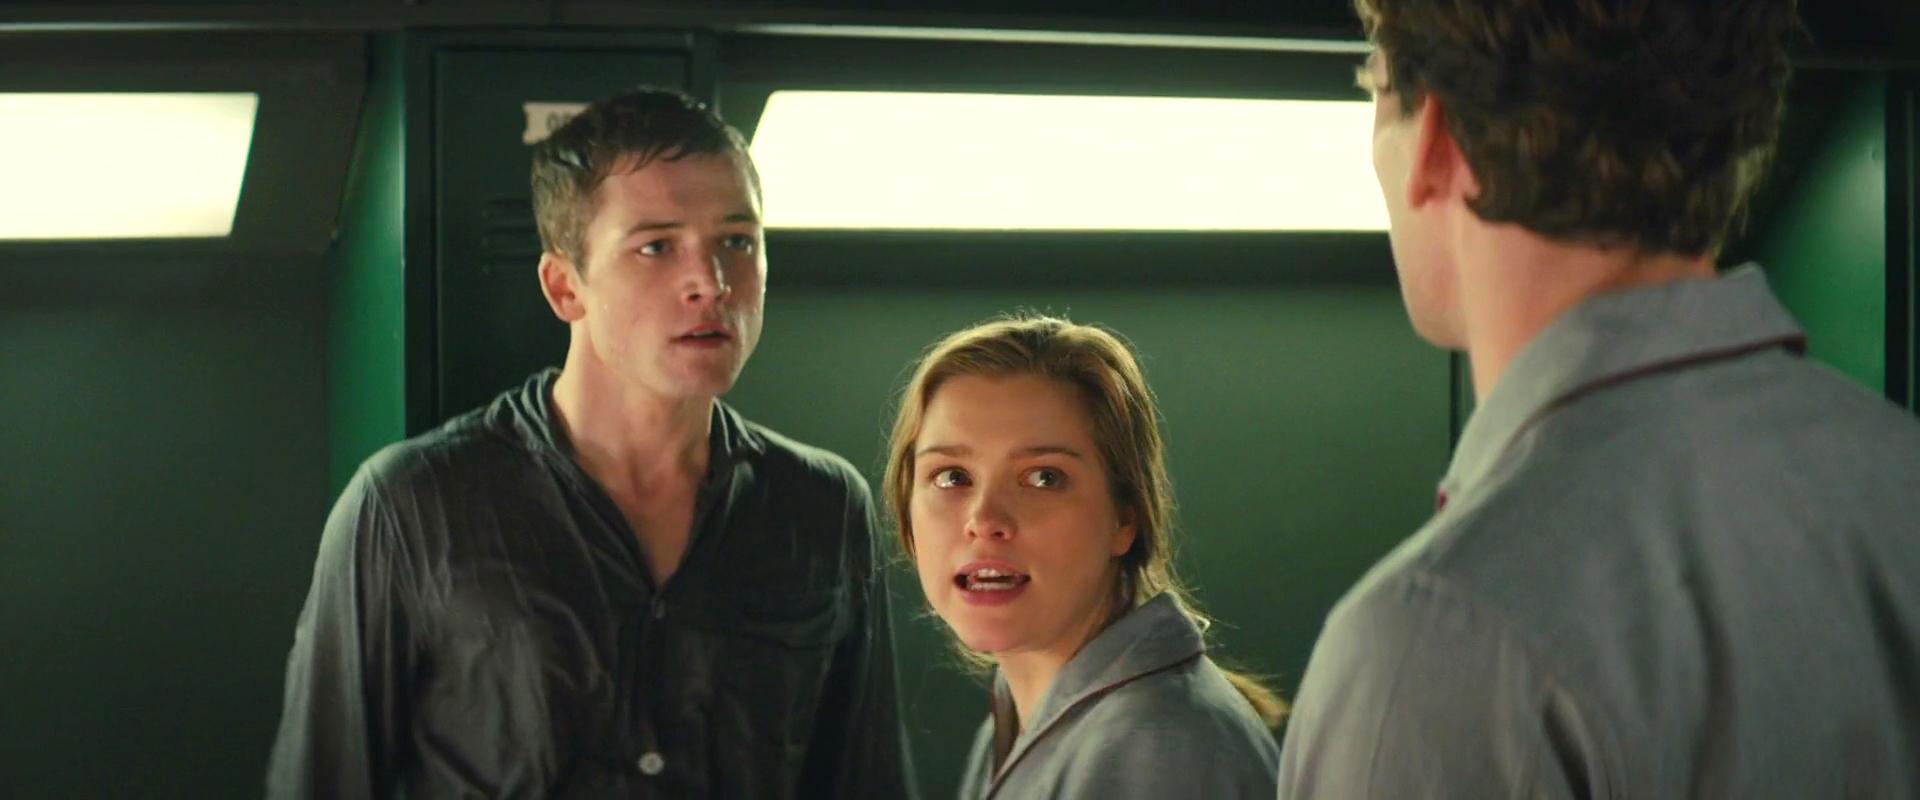 Taron Egerton, Edward Holcroft, and Sophie Cookson in Kingsman: The Secret Service (2014)